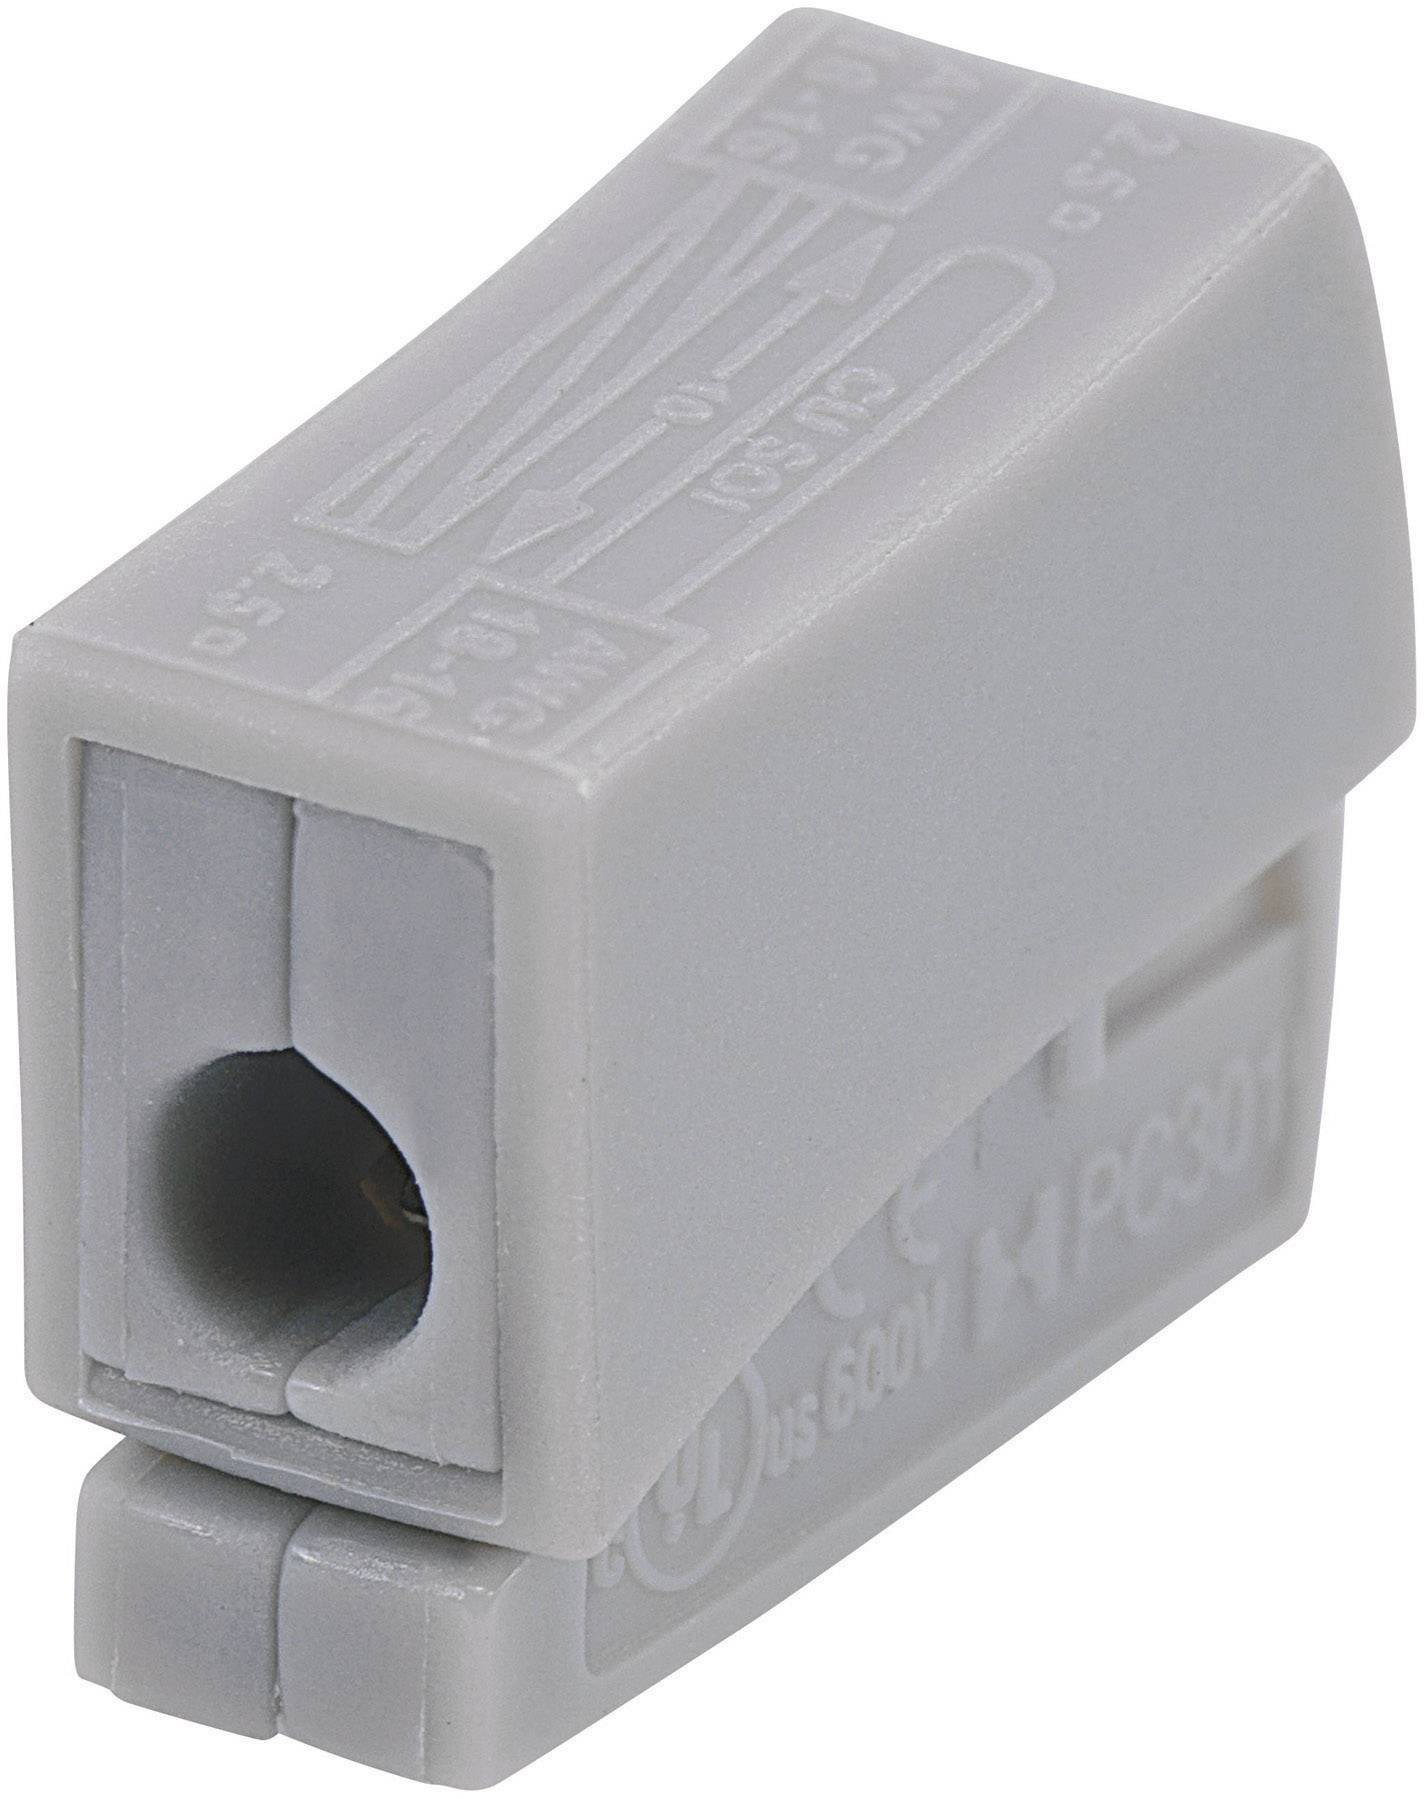 Svietidlové svorky 731678 na kábel s rozmerom 0.5-2.5 mm², tuhosť 0.5-2.5 mm², počet pinov 2, 1 ks, sivá